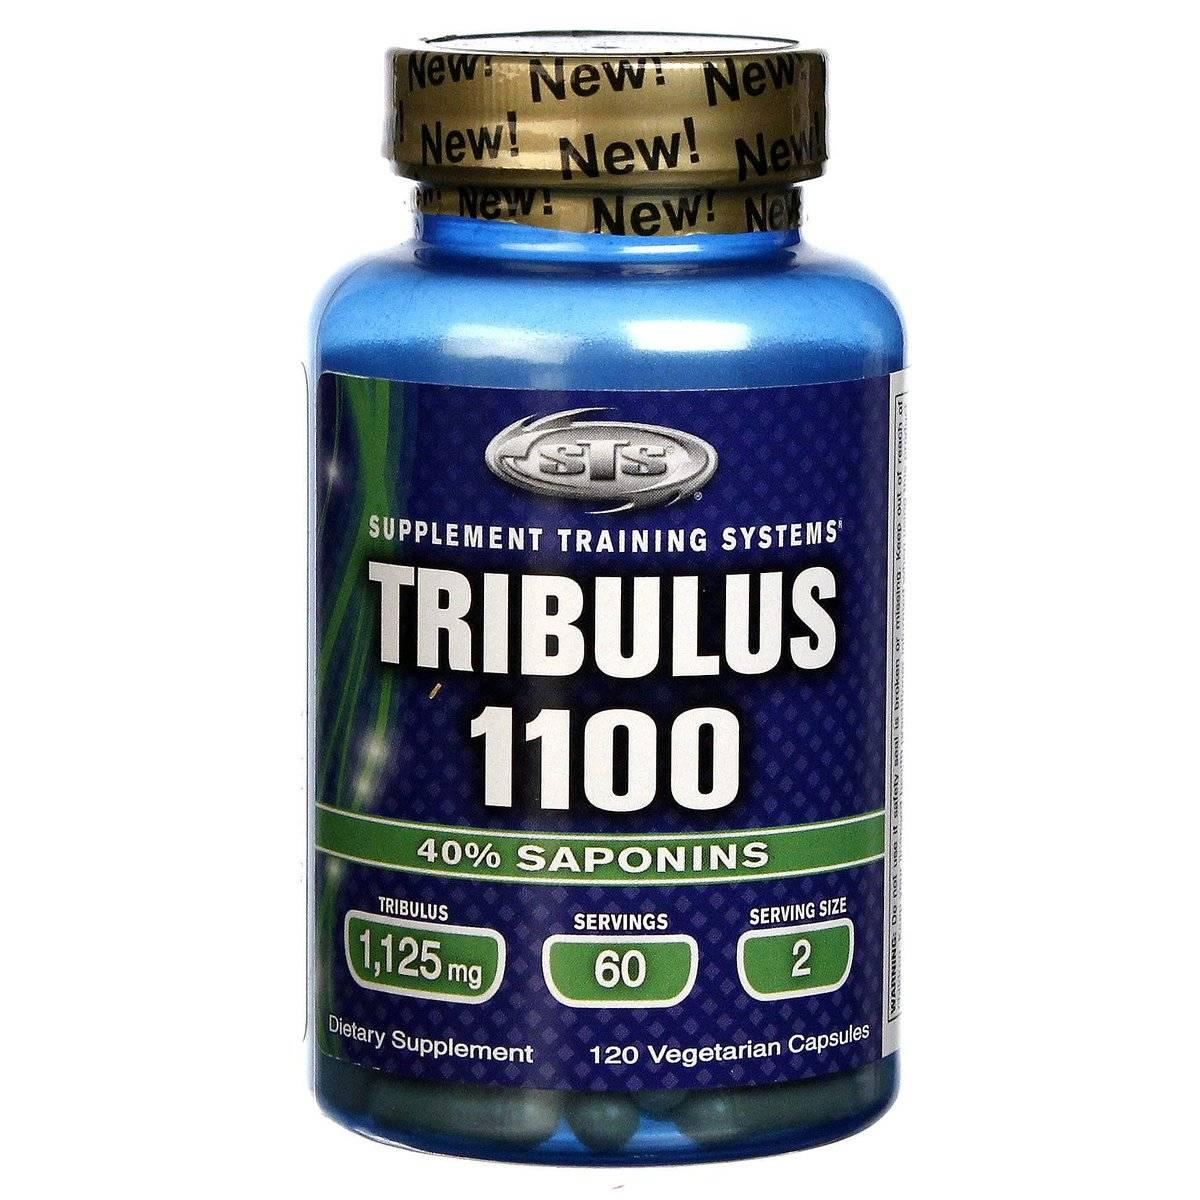 Эффект трибулус террестрис | удивительные свойства препарата